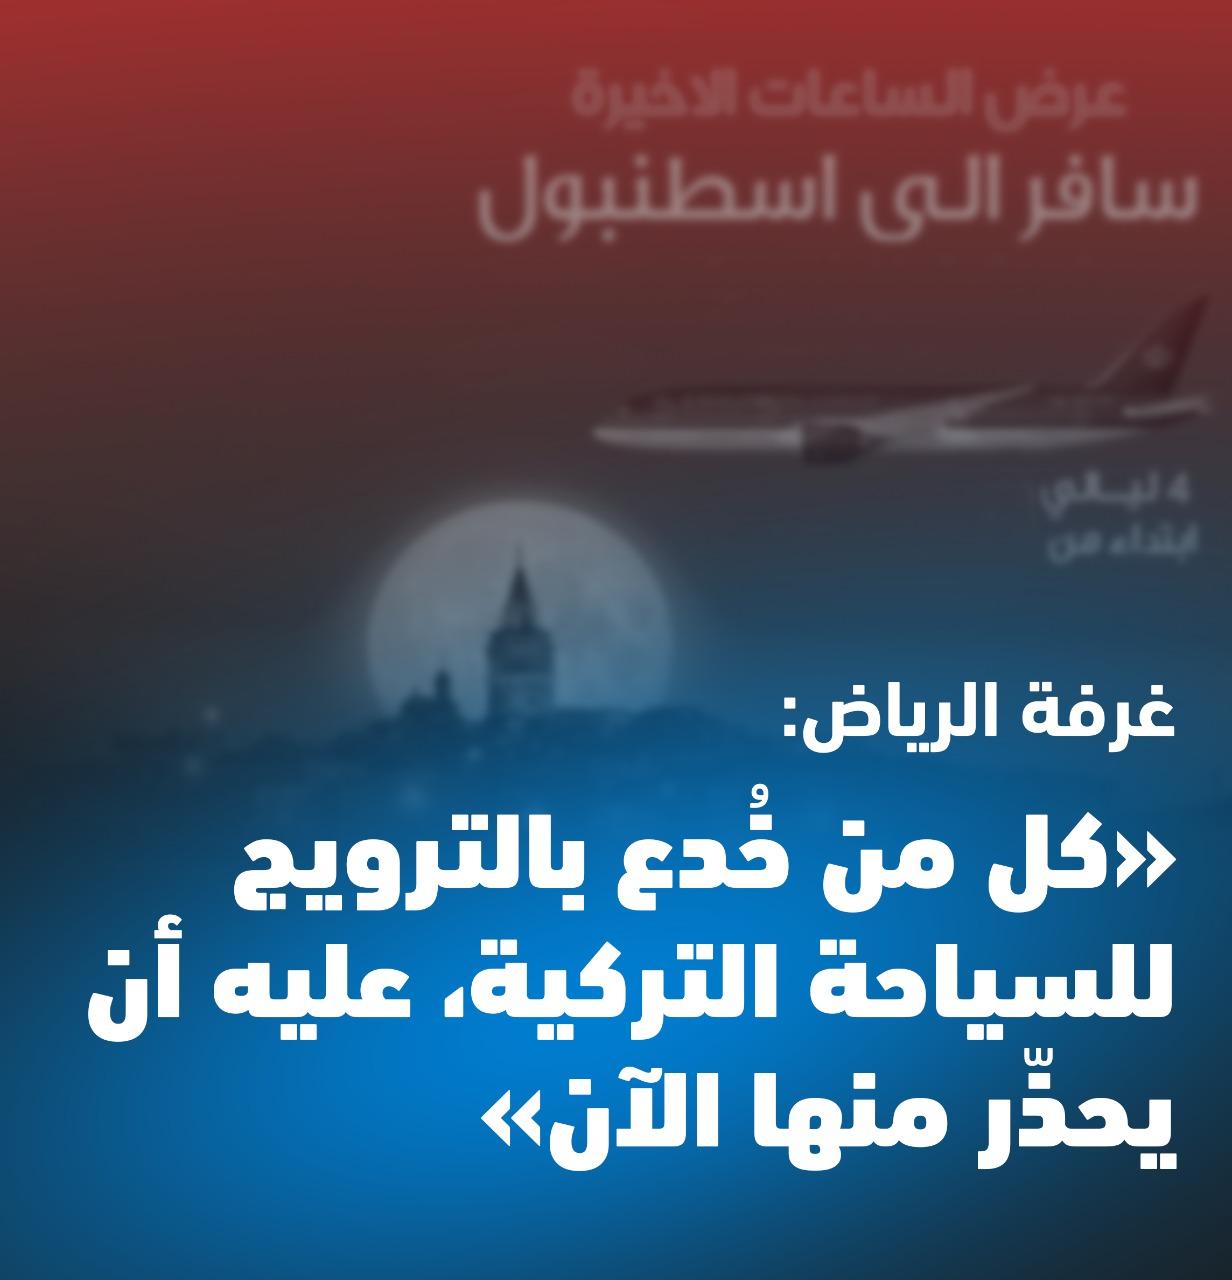 غرفة الرياض تحذر كل من اوهمتهم حملات الترويج للسياحة بتركيا توخي الحذر